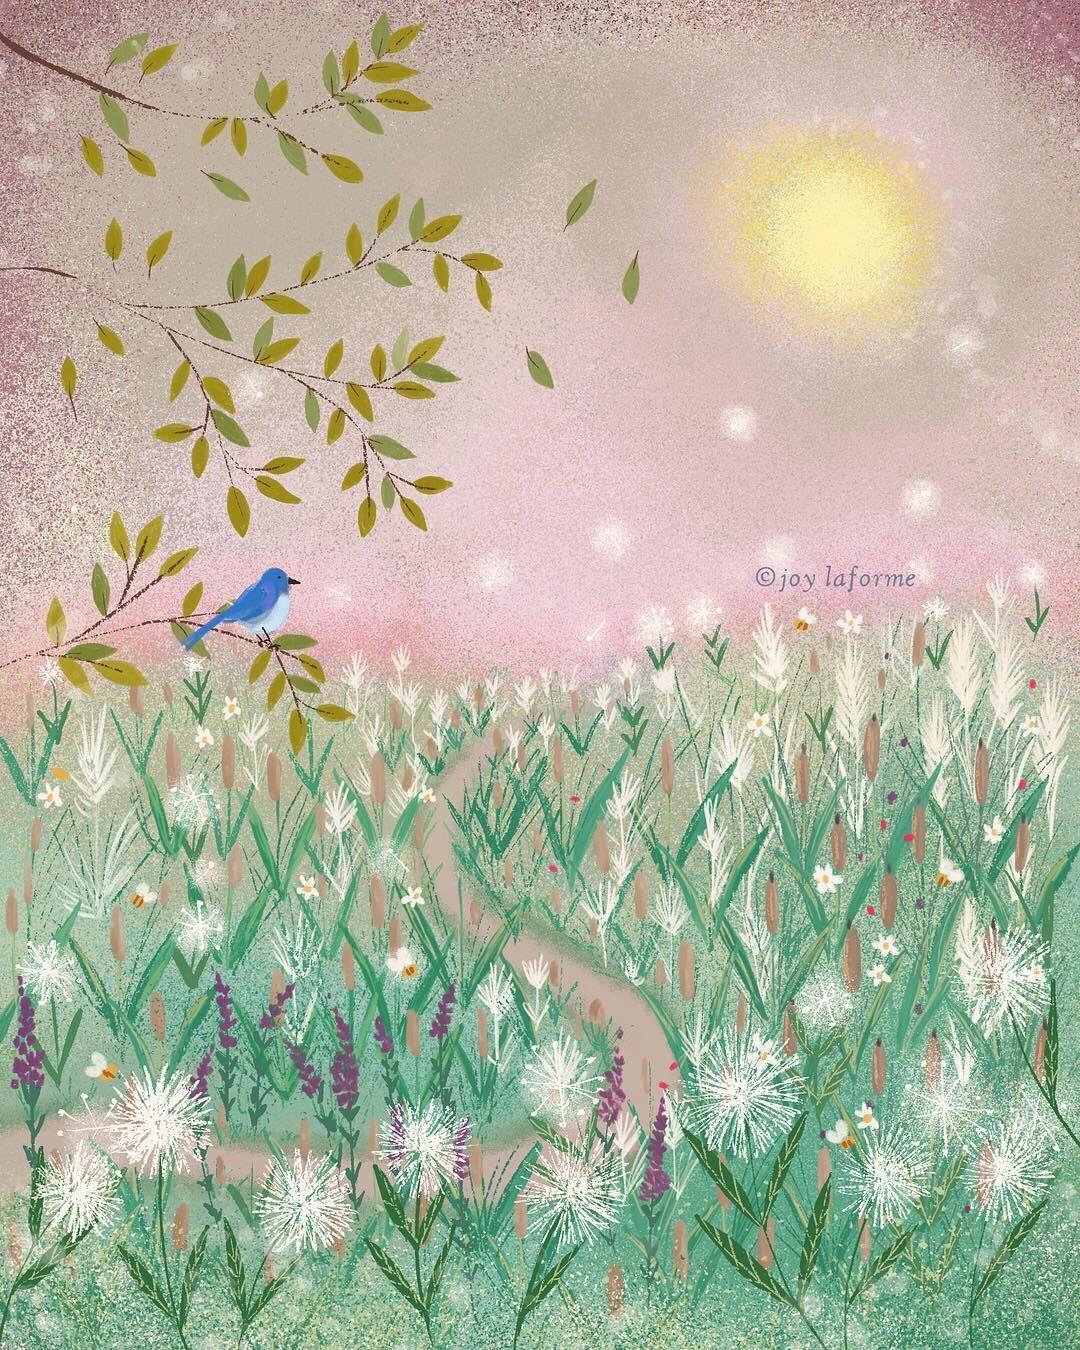 Wild u free folk art by joy laforme folk artist and illustrator